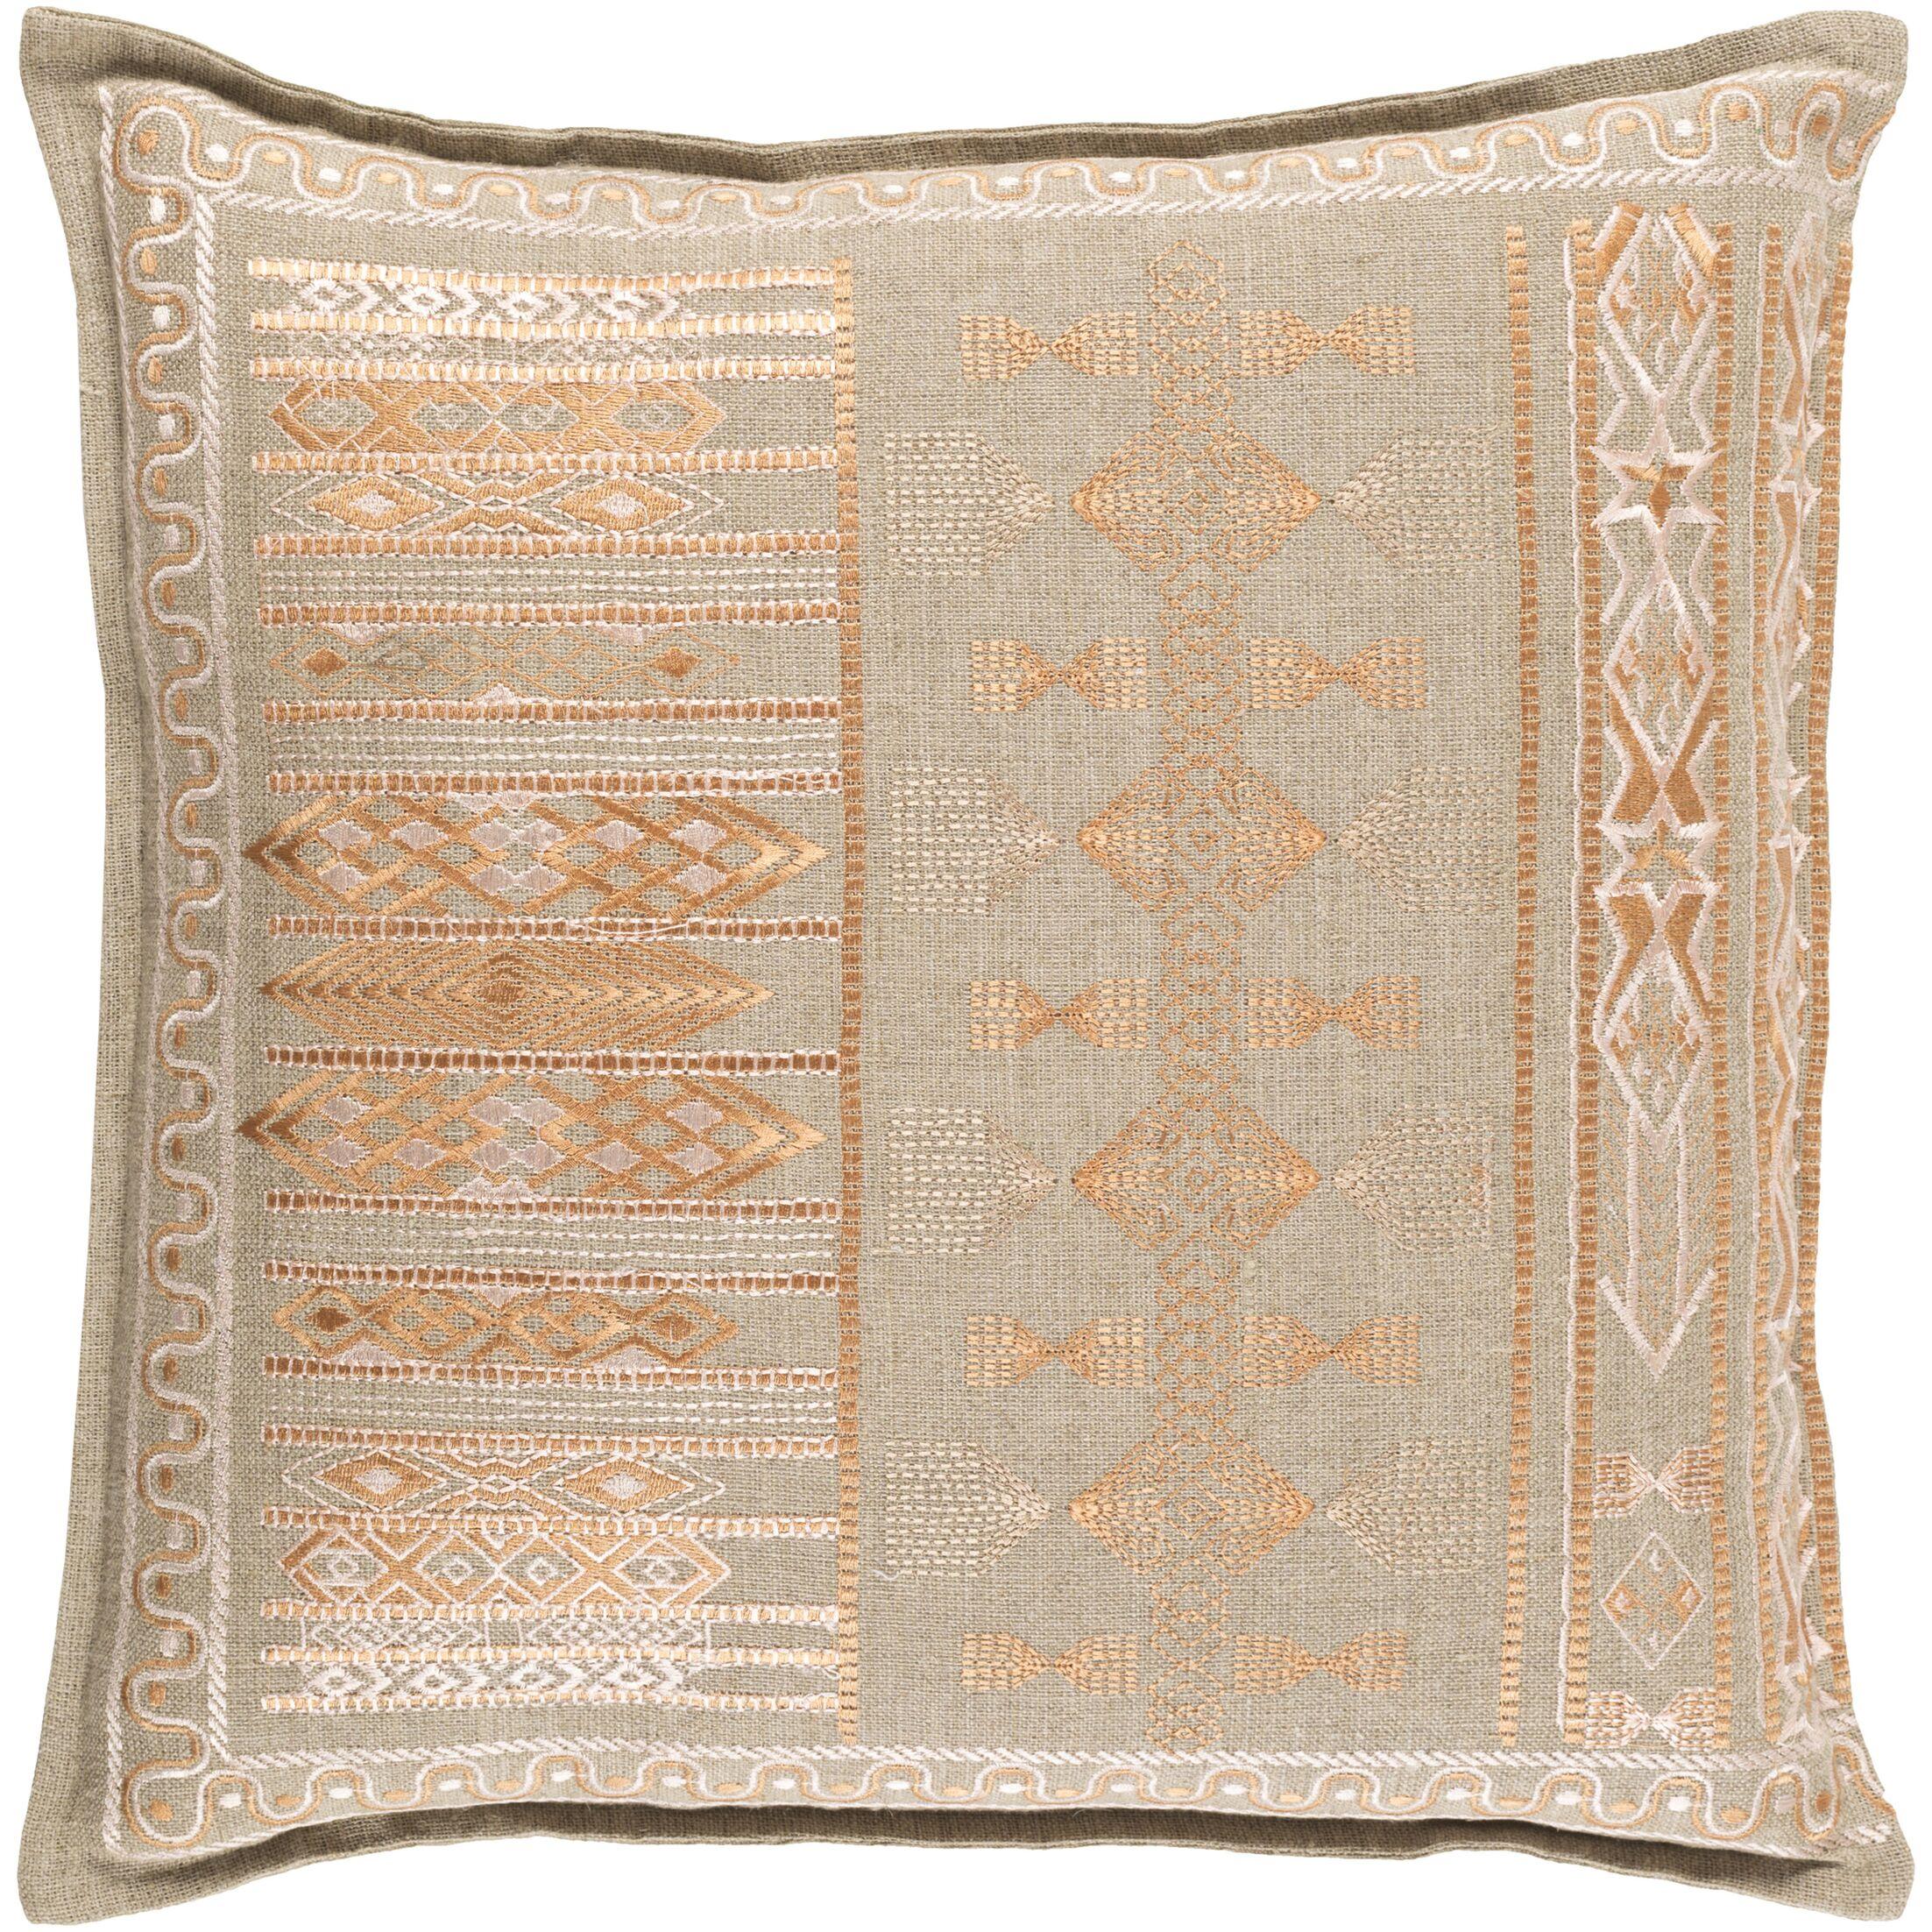 Amethyst Linen Pillow Cover Color: Orange, Size: 22